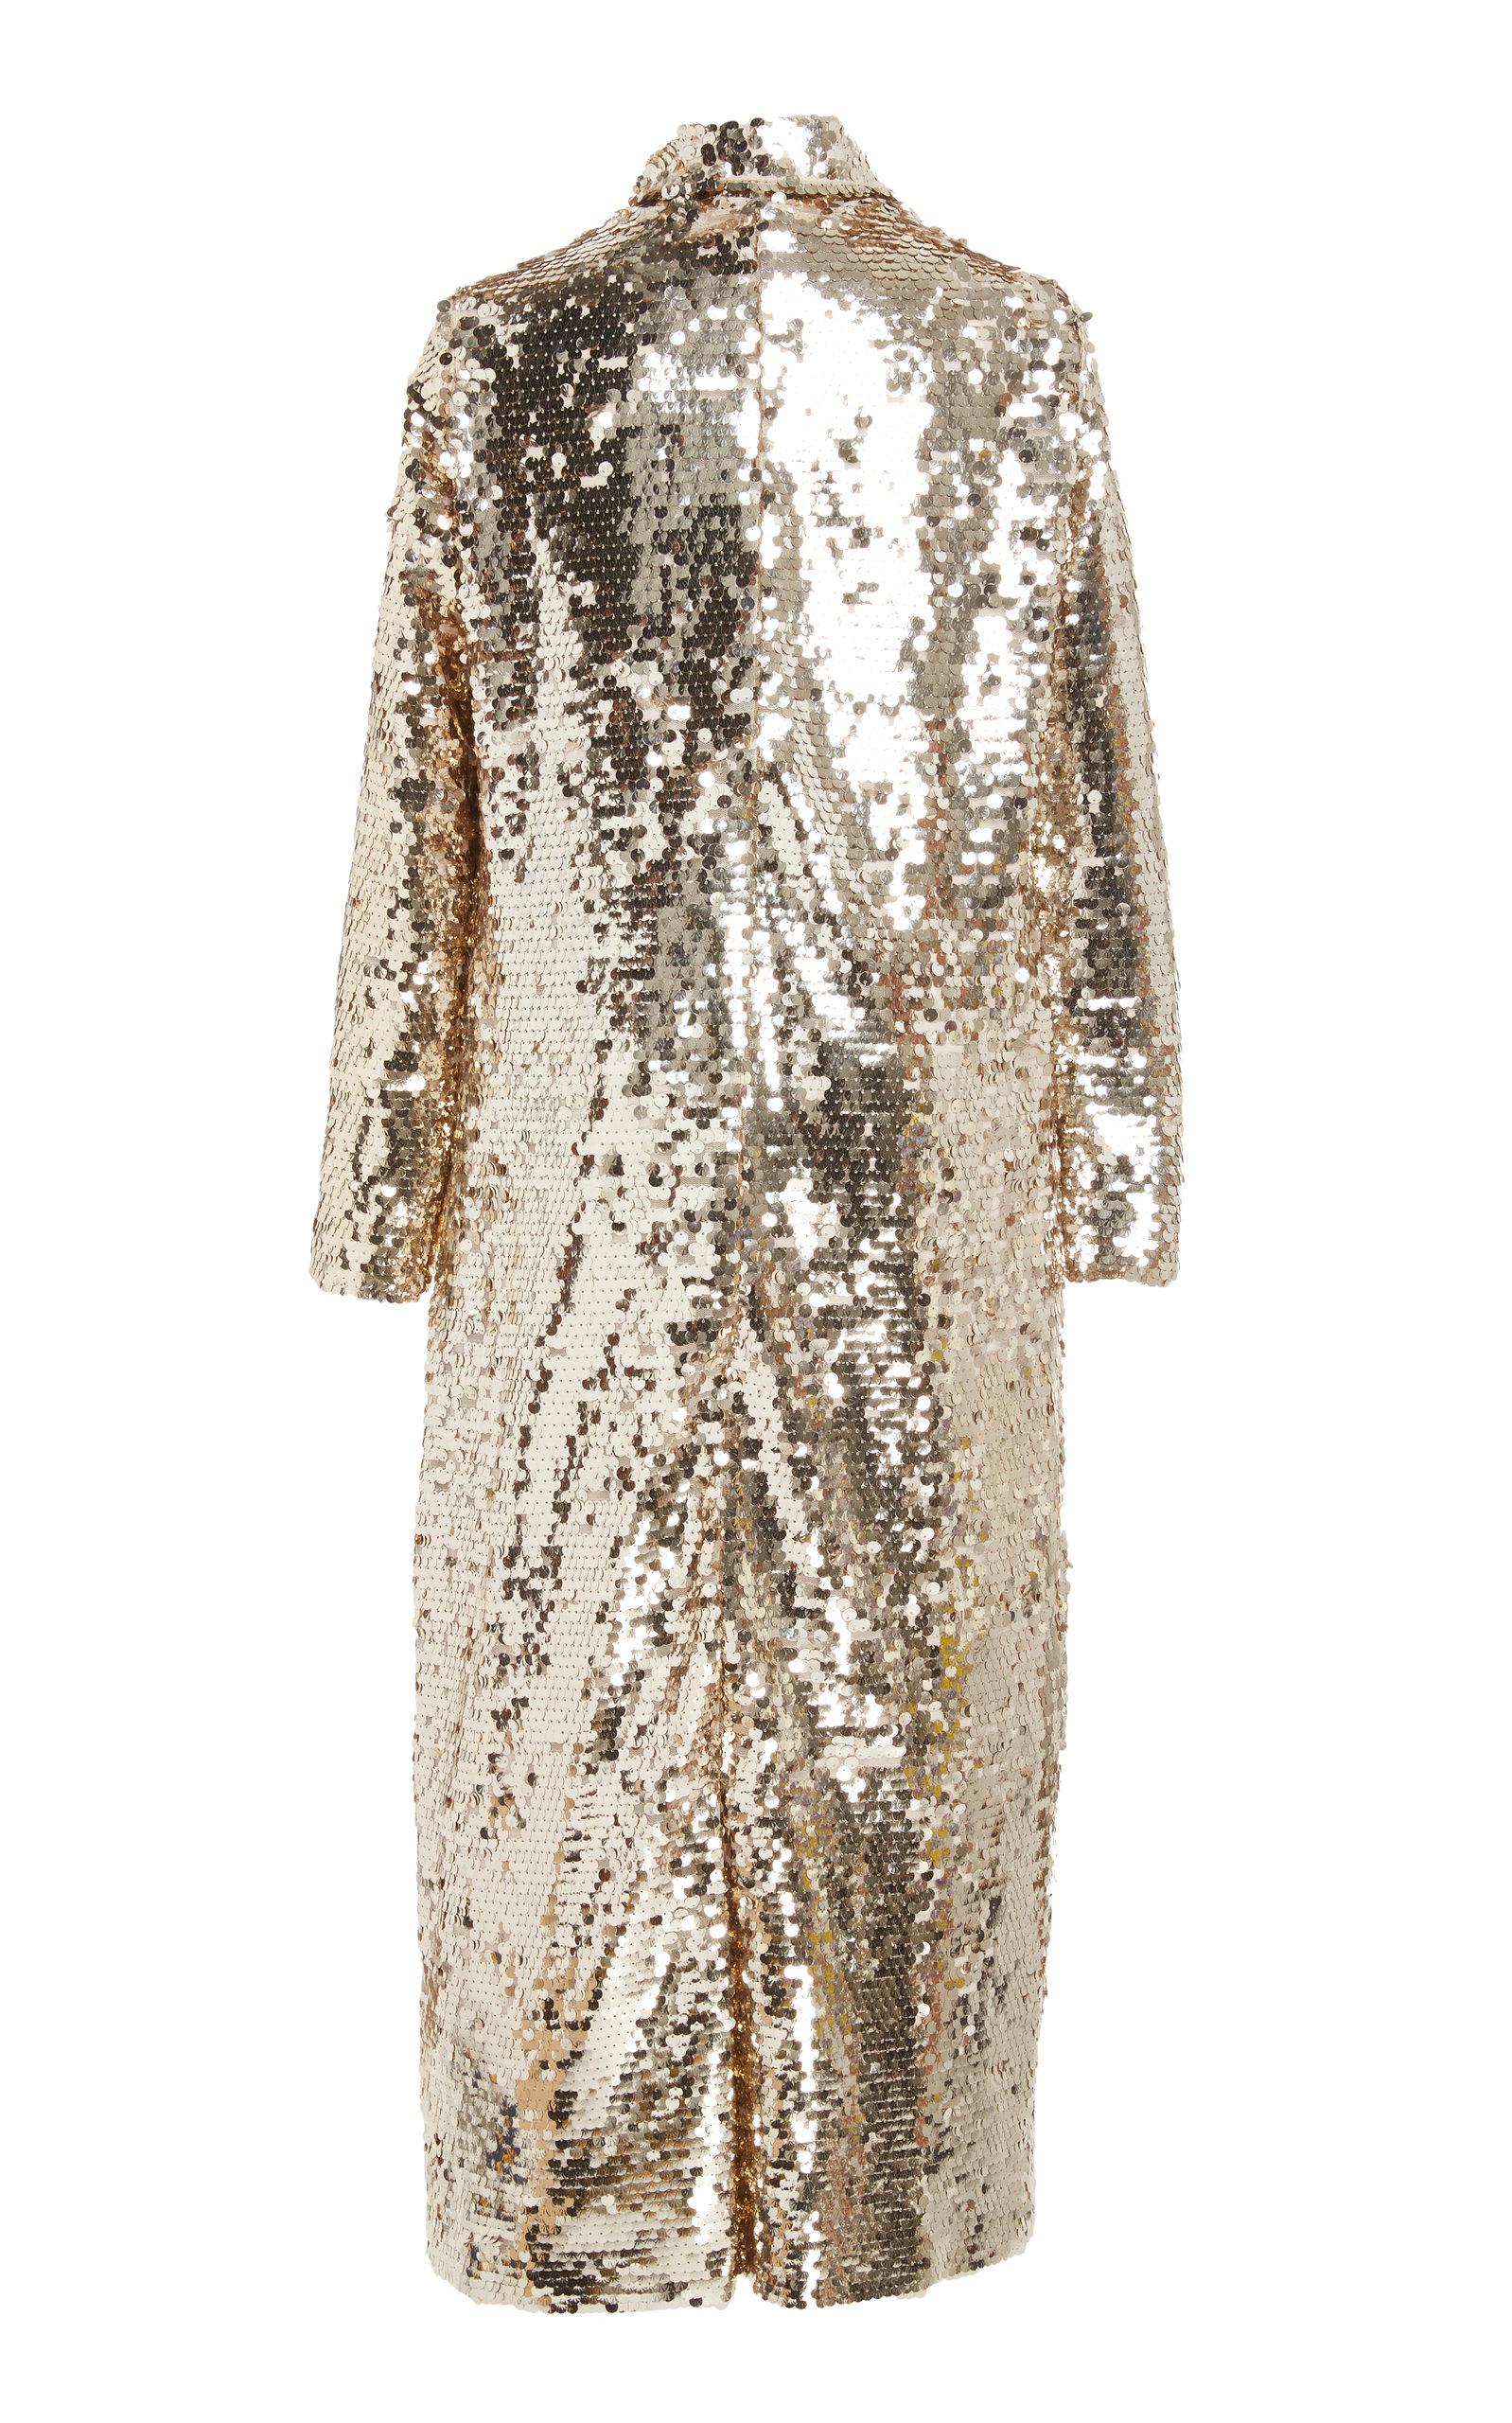 Bouguessa Sequins Long Jacket Dress Long Jacket Dresses Long Jackets Jacket Dress